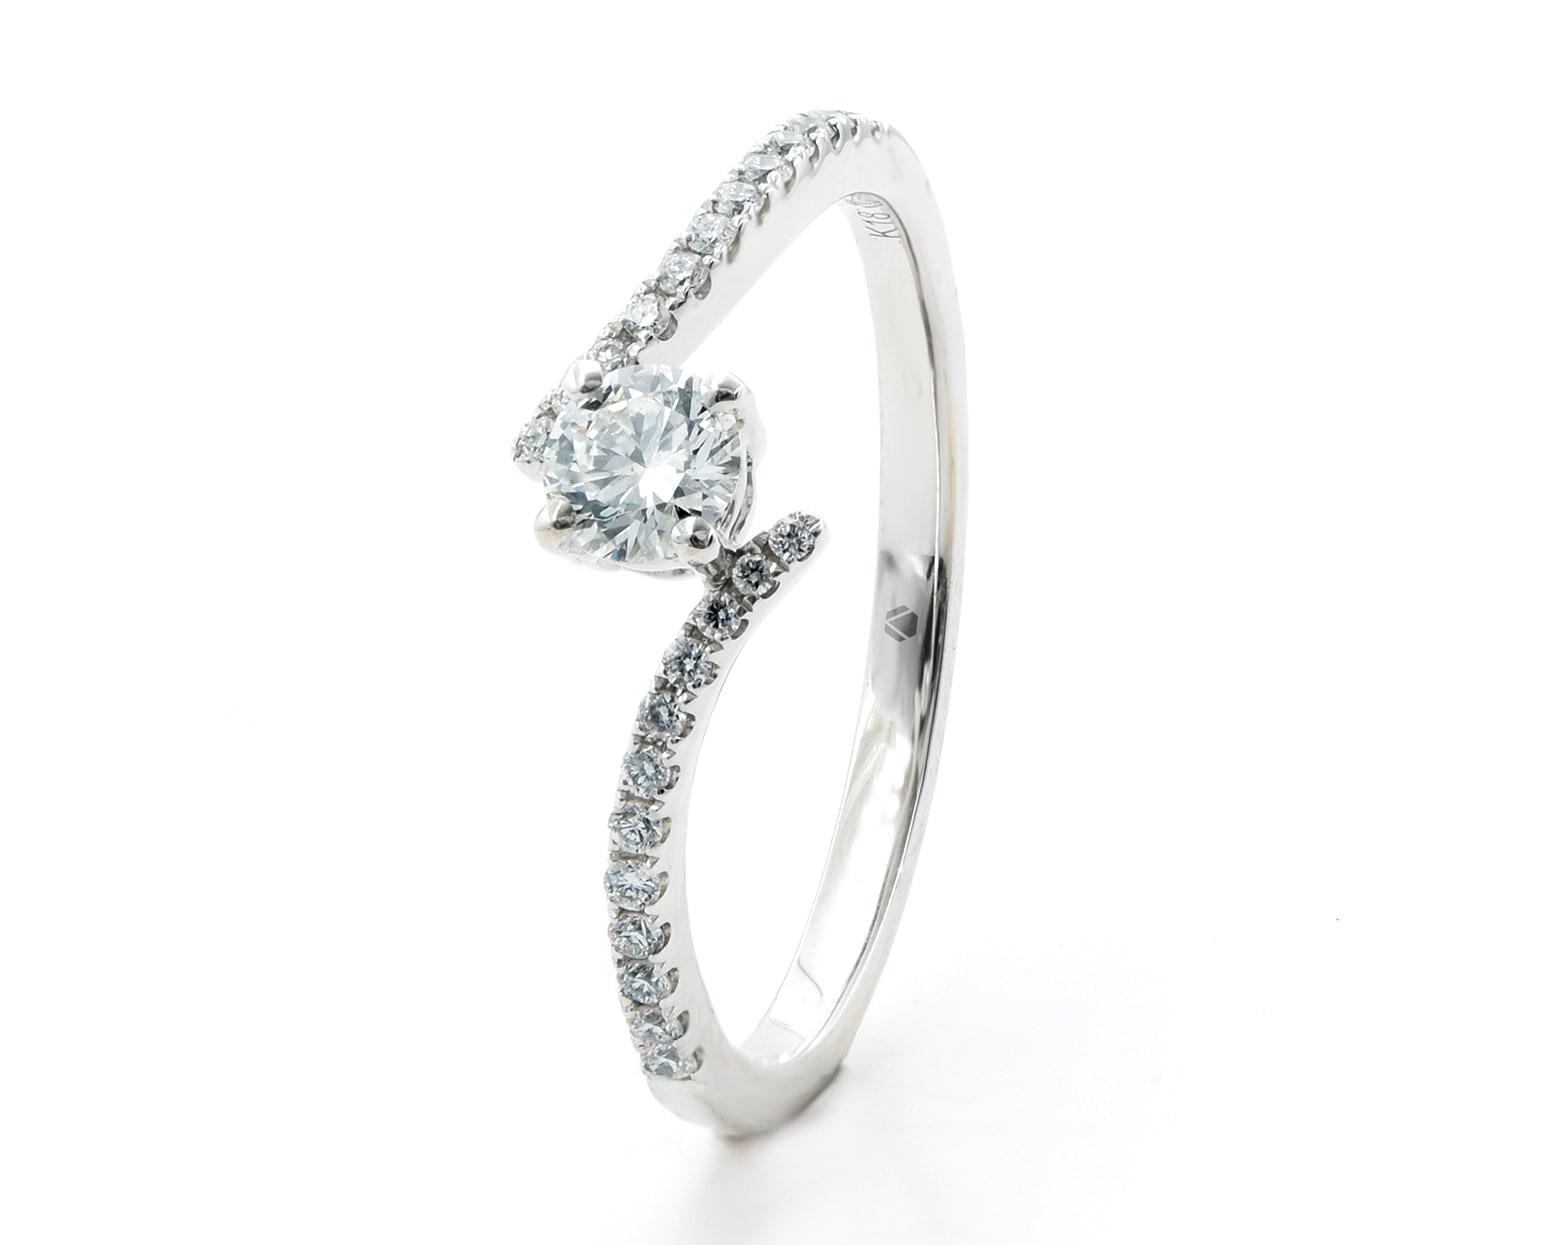 Solitario Carissa Oro Blanco 18k, con 1 Diamante central de 20 o 25 pt más 24 Diamante brillante que suman 11 pt